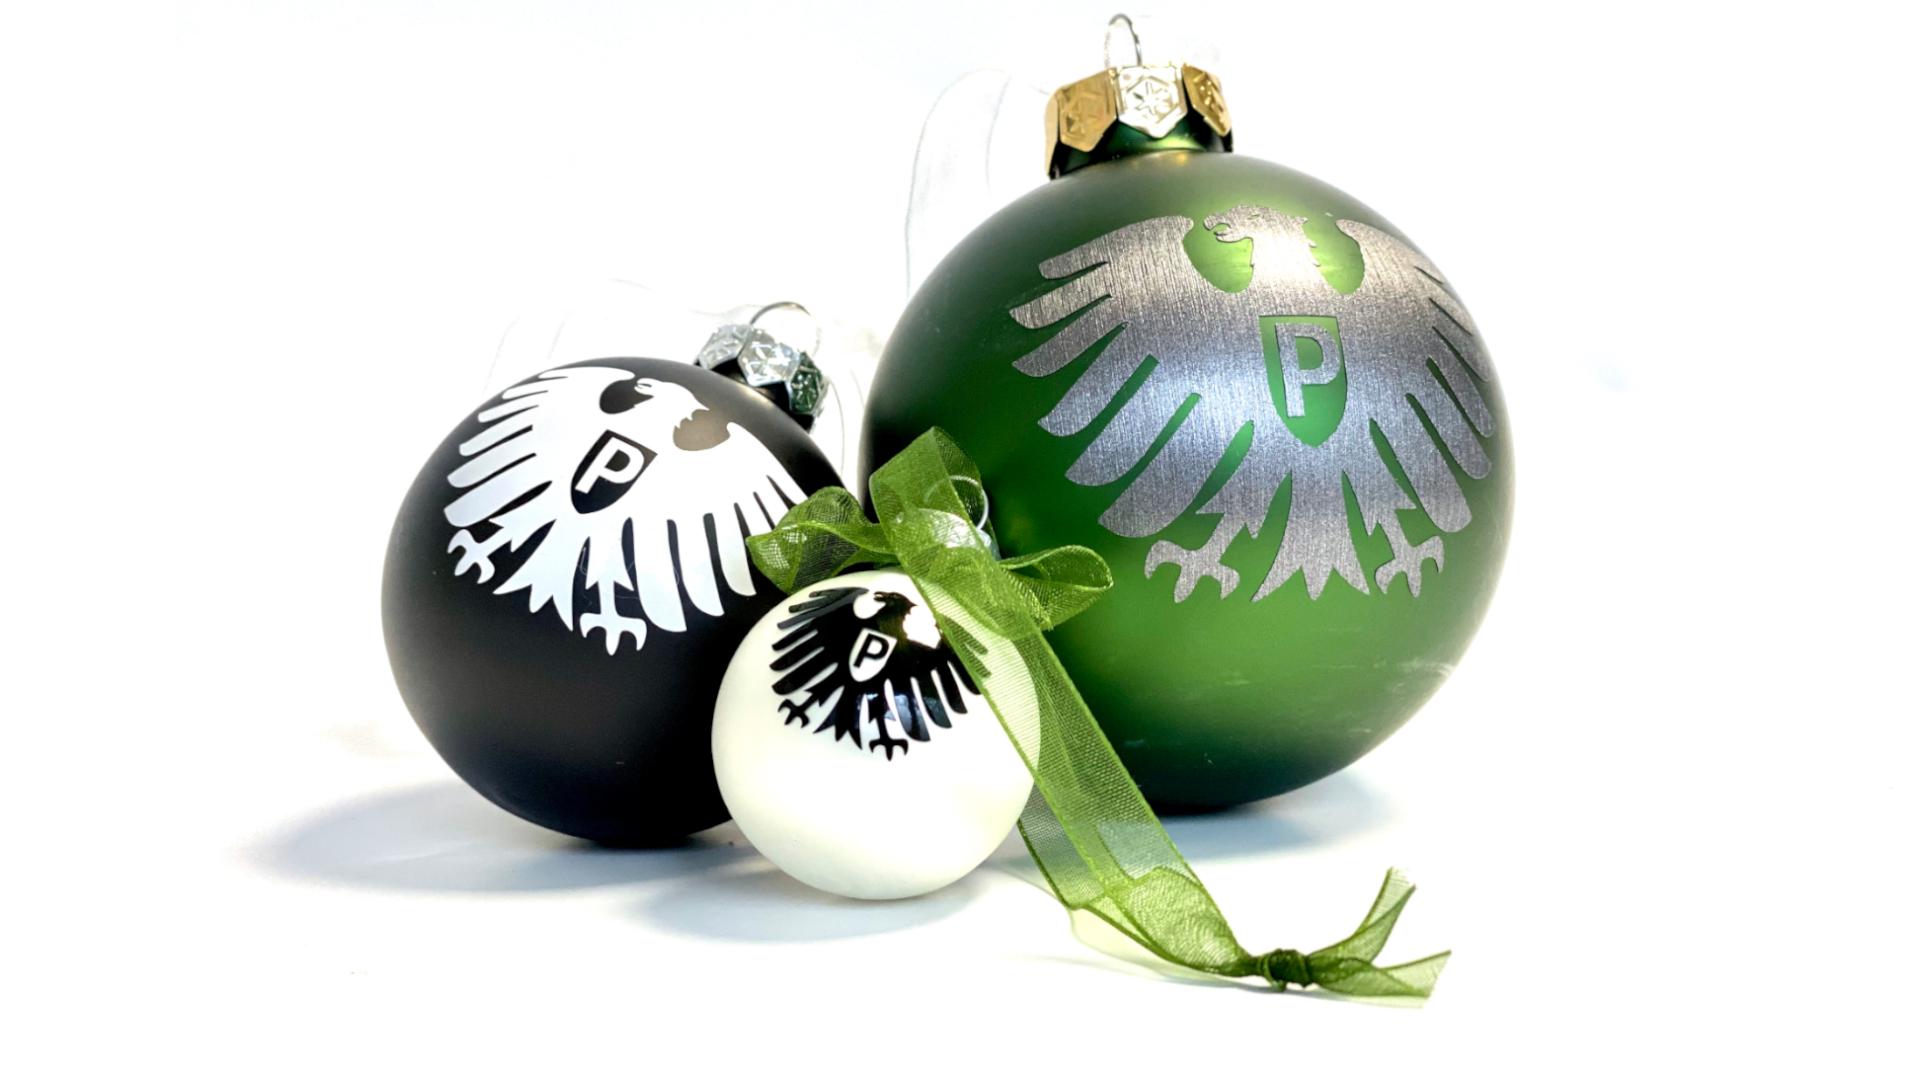 Der SC Preußen wünscht frohe Weihnachten und einen guten Rutsch ins neue Jahr!